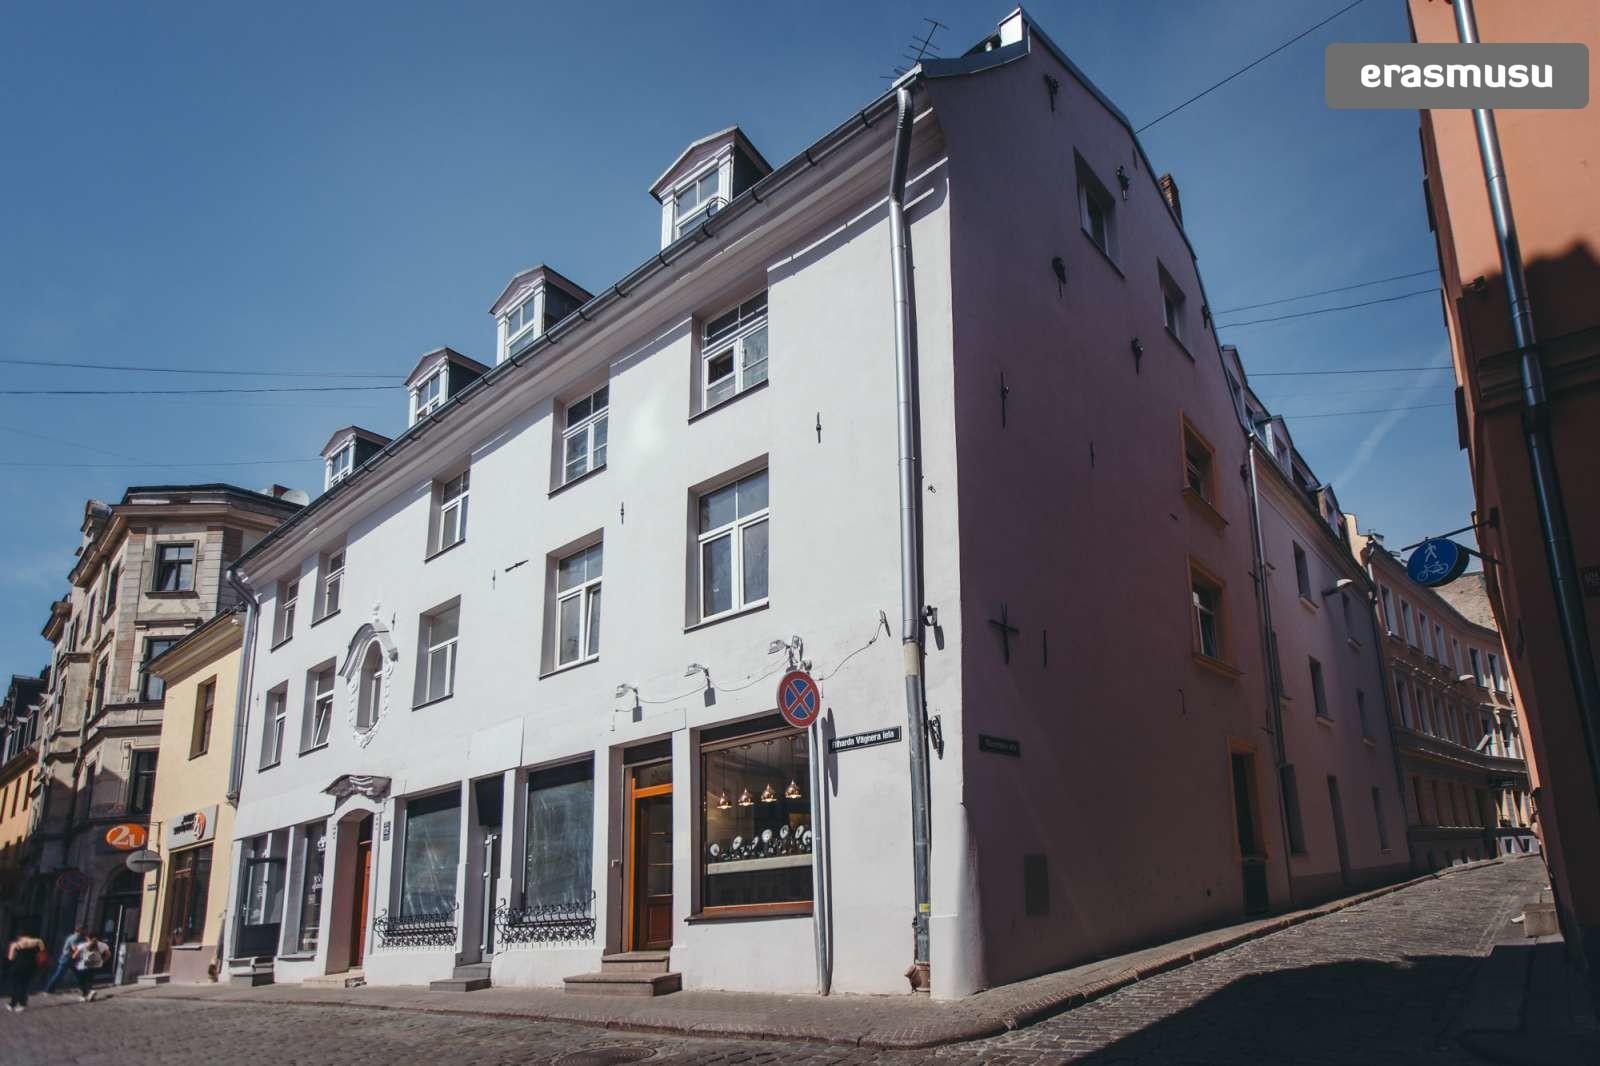 stylish-studio-apartment-rent-vecriga-9ba8ea9362da382fb309108672